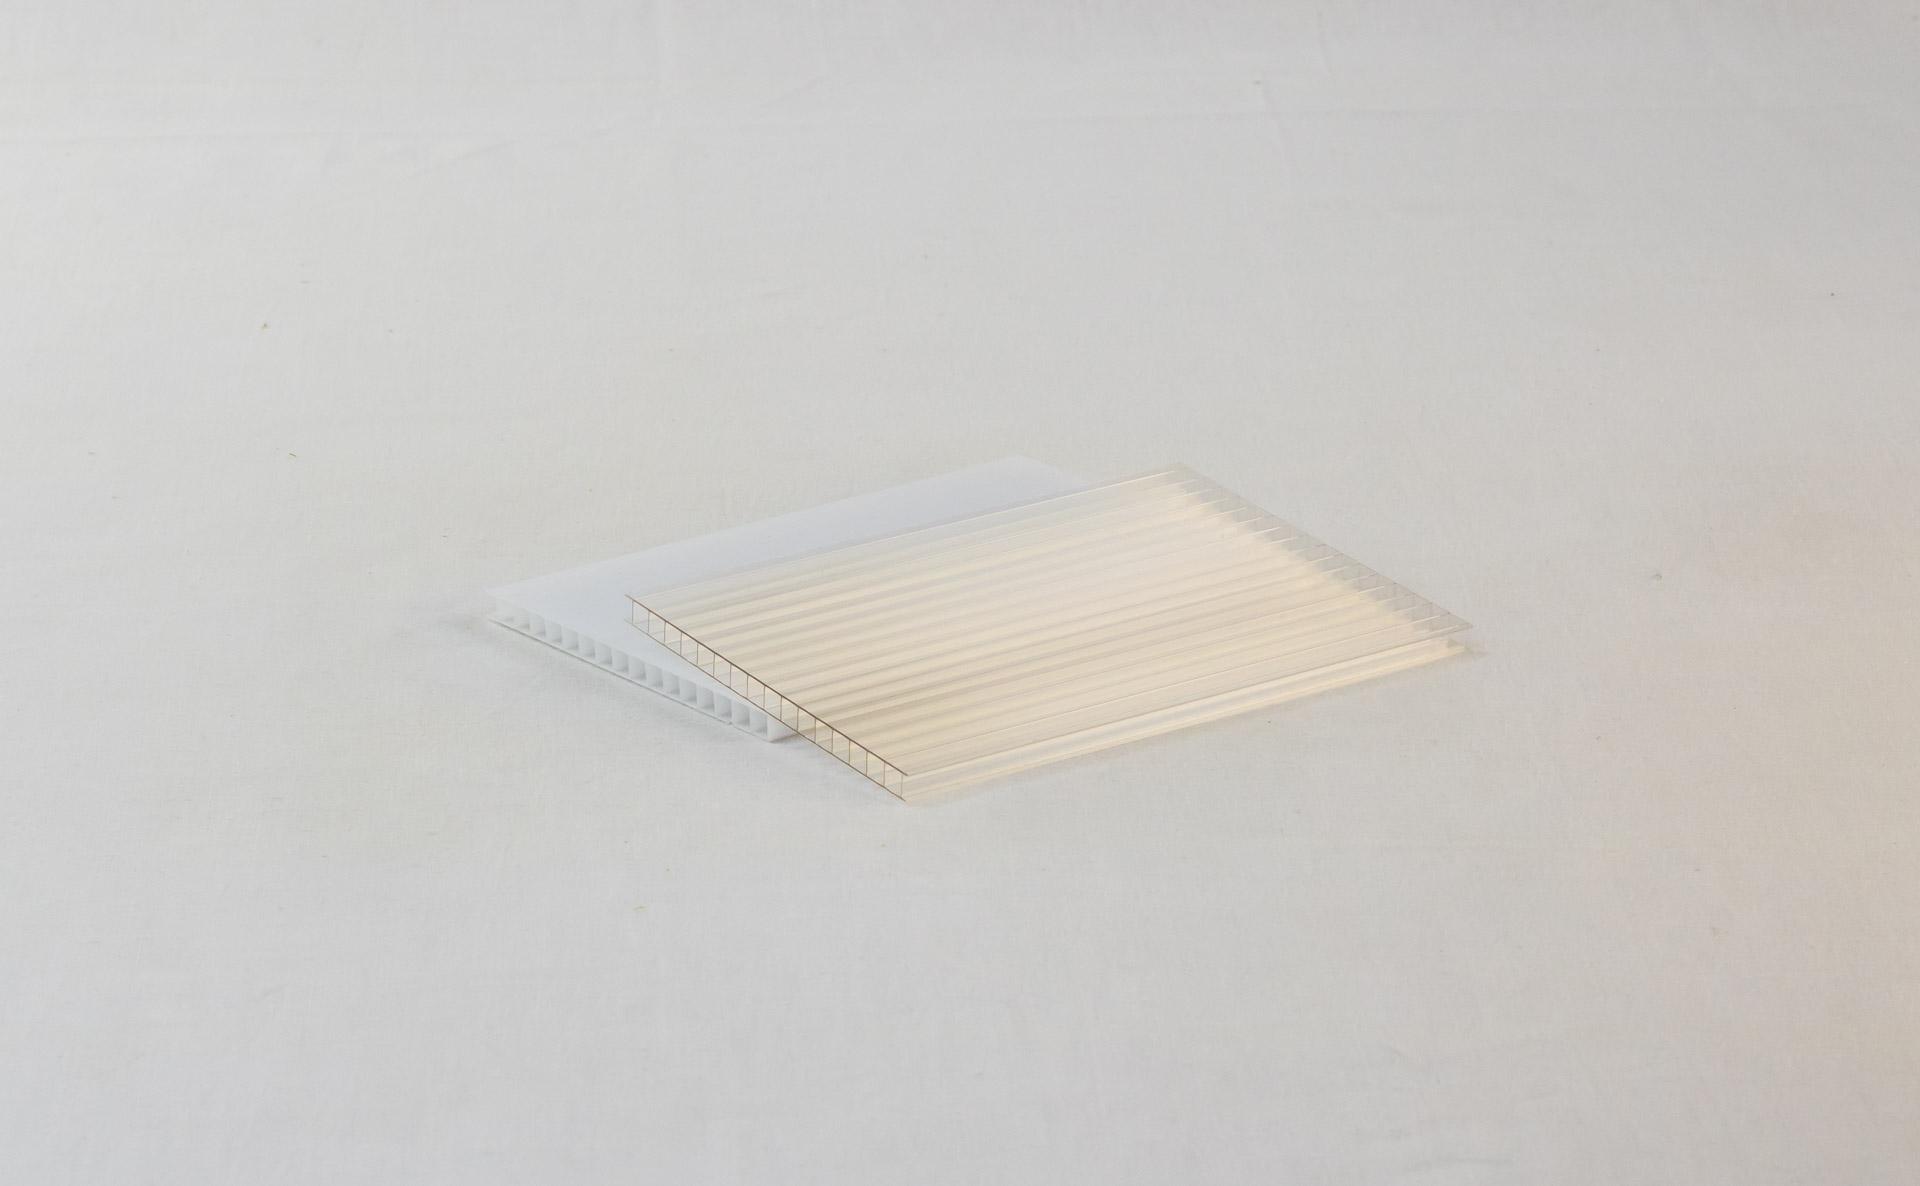 6mm polycarbonaat meerwandig